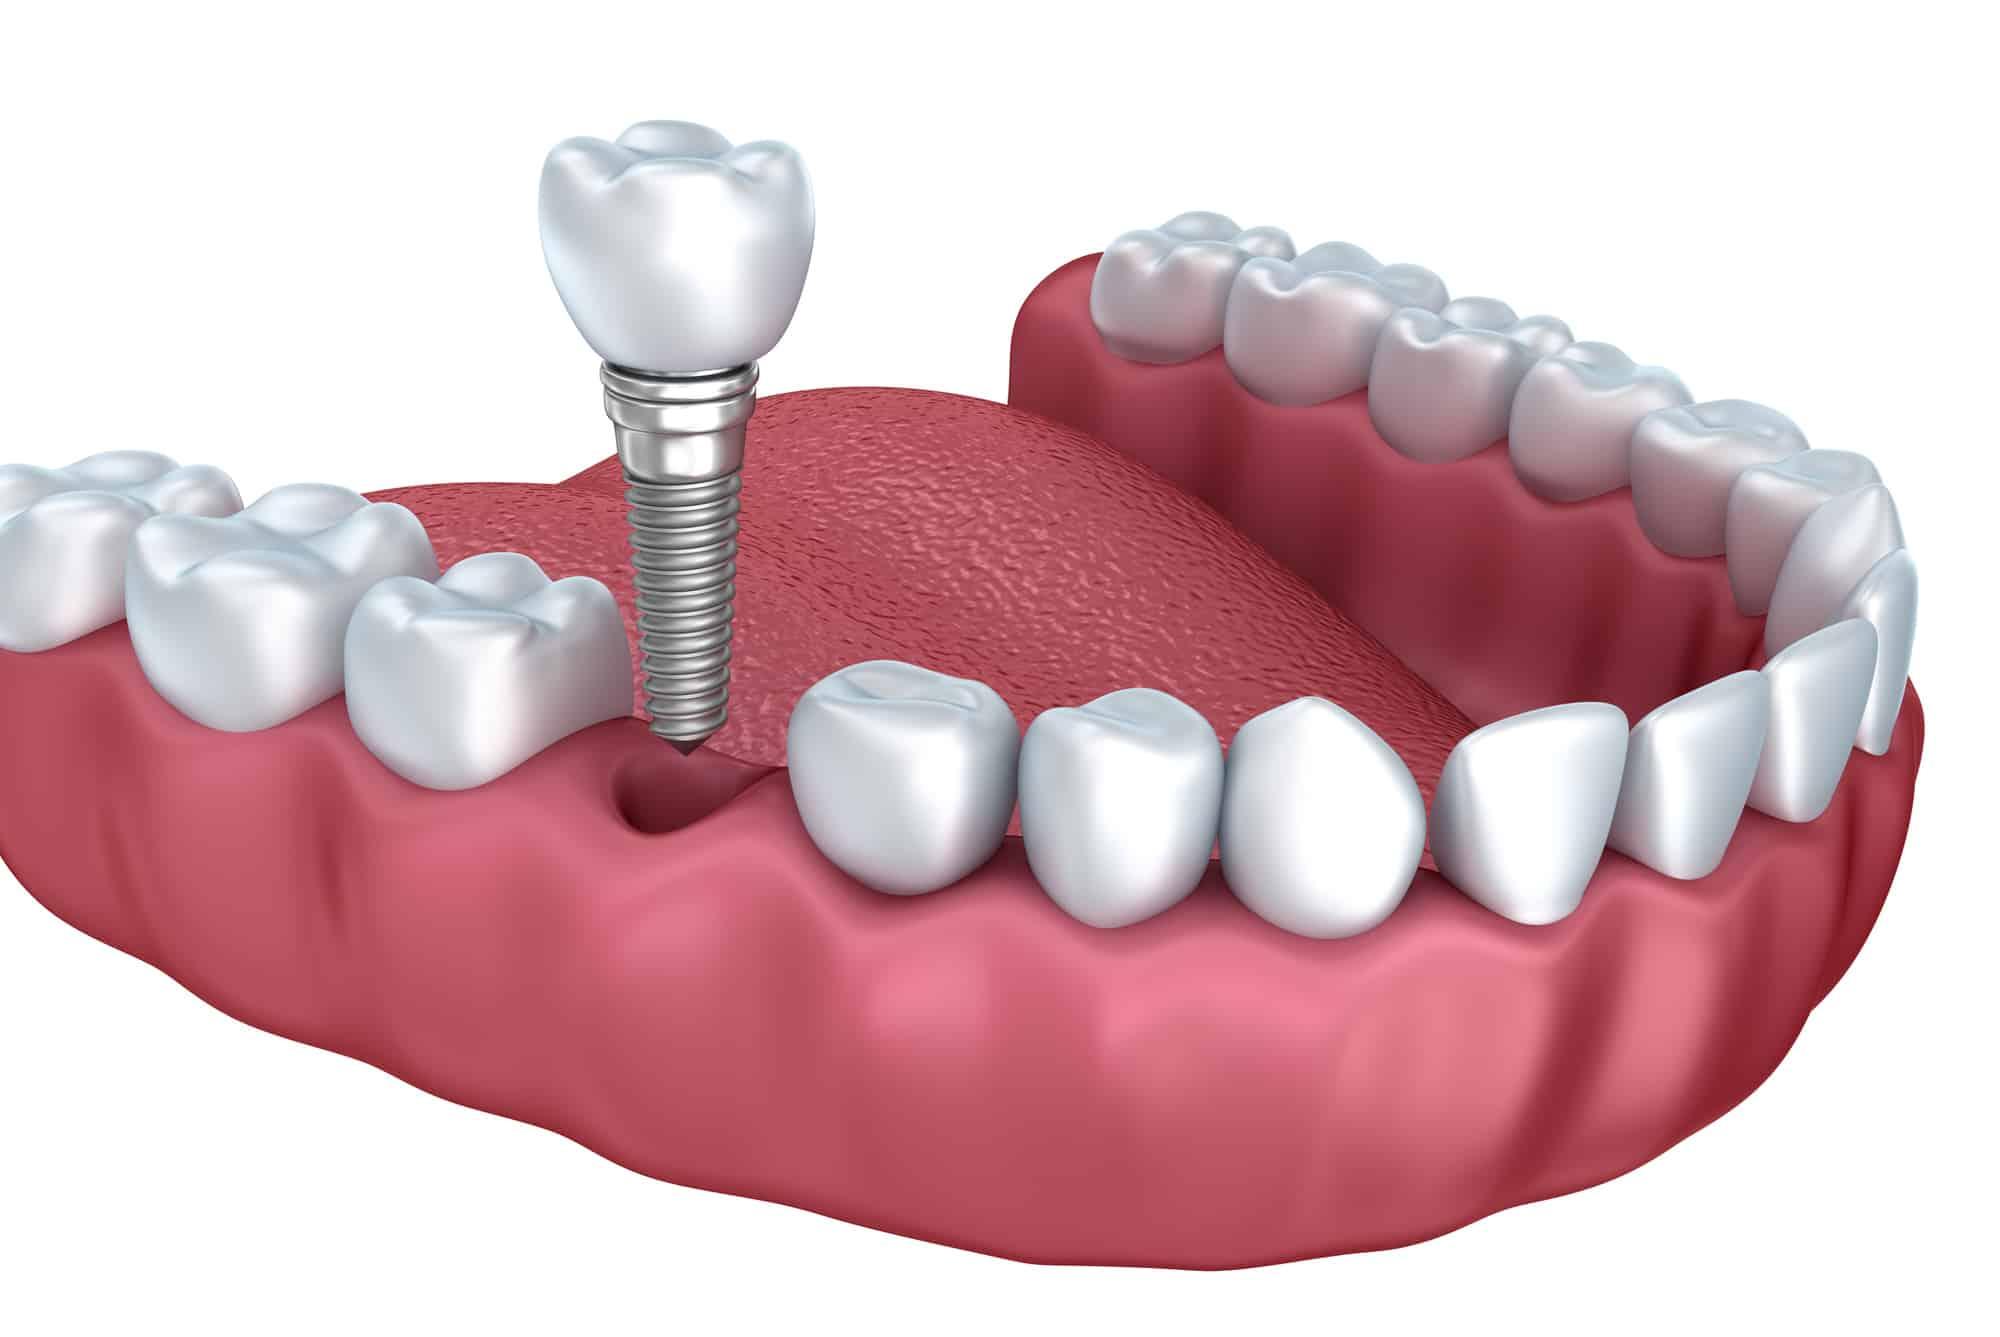 تجربتي مع زراعة الاسنان موسوعة